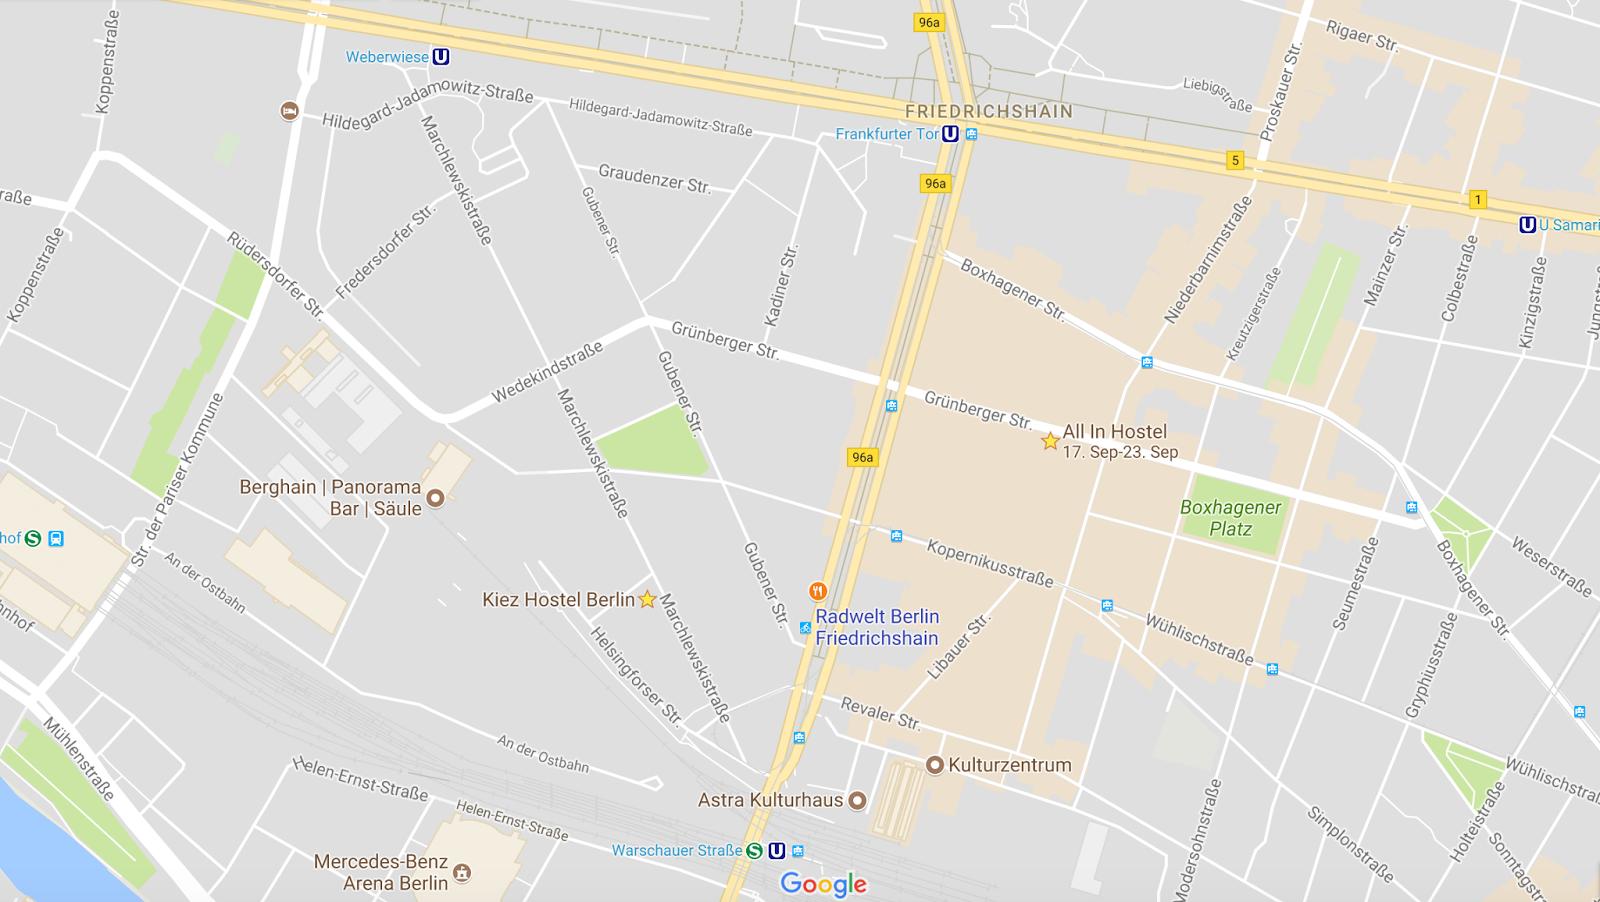 Gutter møtes berlin